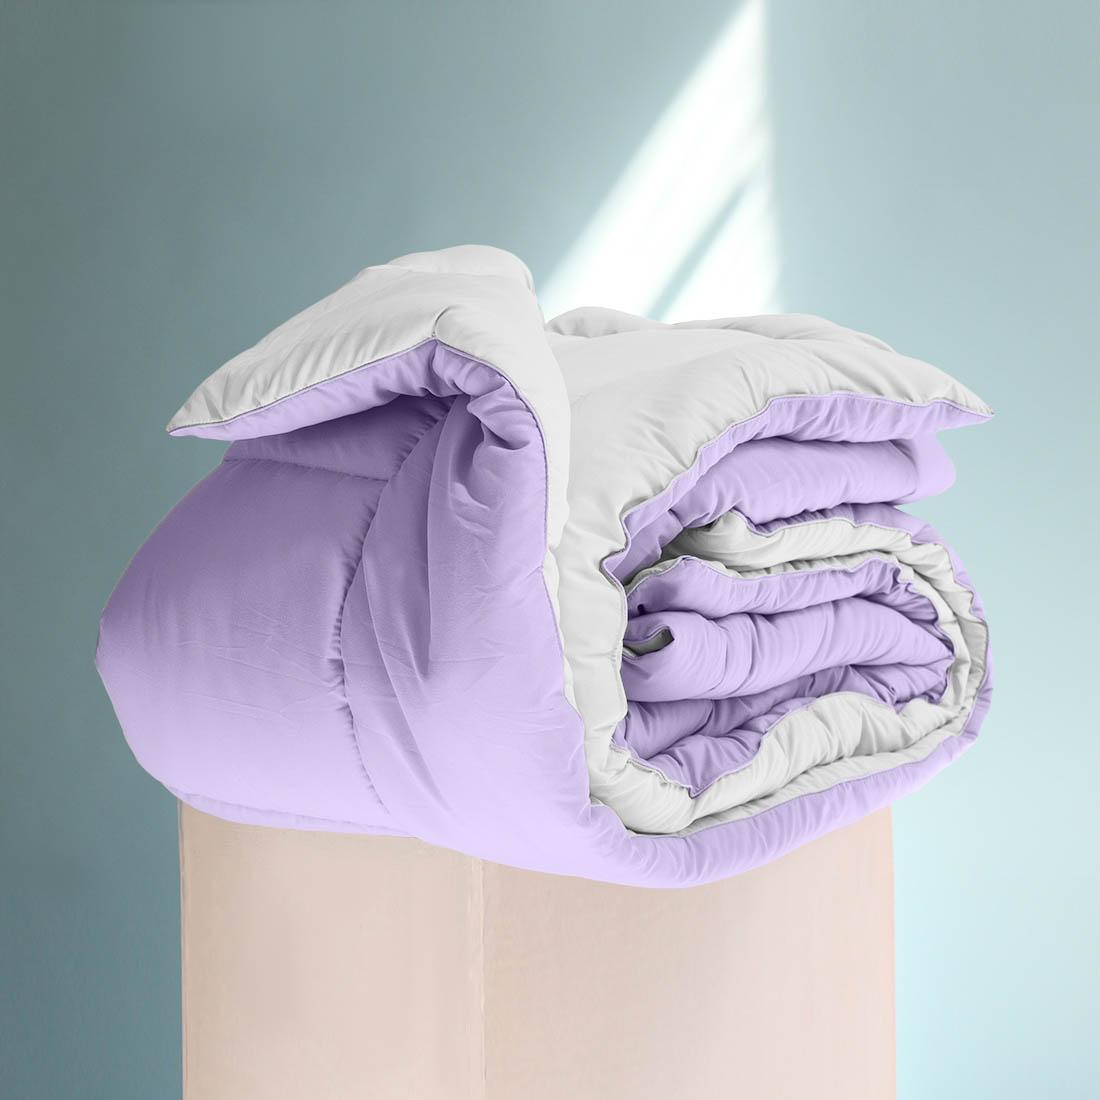 Одеяло Sleep iX, наполнитель: силиконизированное волокно, цвет: фиолетовый, белый, 155 х 215 см. pva320011pva320011Особая технология позволяет использовать это одеяло без пододеяльника, не опасаясь износа.Материал чехла MicroSkin - это гладкая и шелковистая ткань с легким блеском, по своему виду не уступает натуральному хлопку. Хорошо сохраняет тепло, очень приятна на ощупь, прочна и устойчива к стирке.Силиконизированное волокно делают из тонких волокон полиэфира, обработанных силиконом. Одеяло с таким наполнителем отлично сохраняет тепло, создавая максимальный комфорт и уют. Силиконизированное волокно отлично держит форму, не сбиваясь в комки. На ощупь наполнитель похож на пух, поэтому производители часто называют его искусственным пухом. Одеяло с полиэфирным наполнителем отлично подойдёт людям, страдающим аллергией, так как не впитывает запахи и отталкивает пыль. Кант делают из атласа или вискозы, он помогает изделию держать форму в течение многих лет. Кантик есть на многих объемных изделиях из текстиля, иногда его могут дополнительно прострочить по периметру или сделать широким.